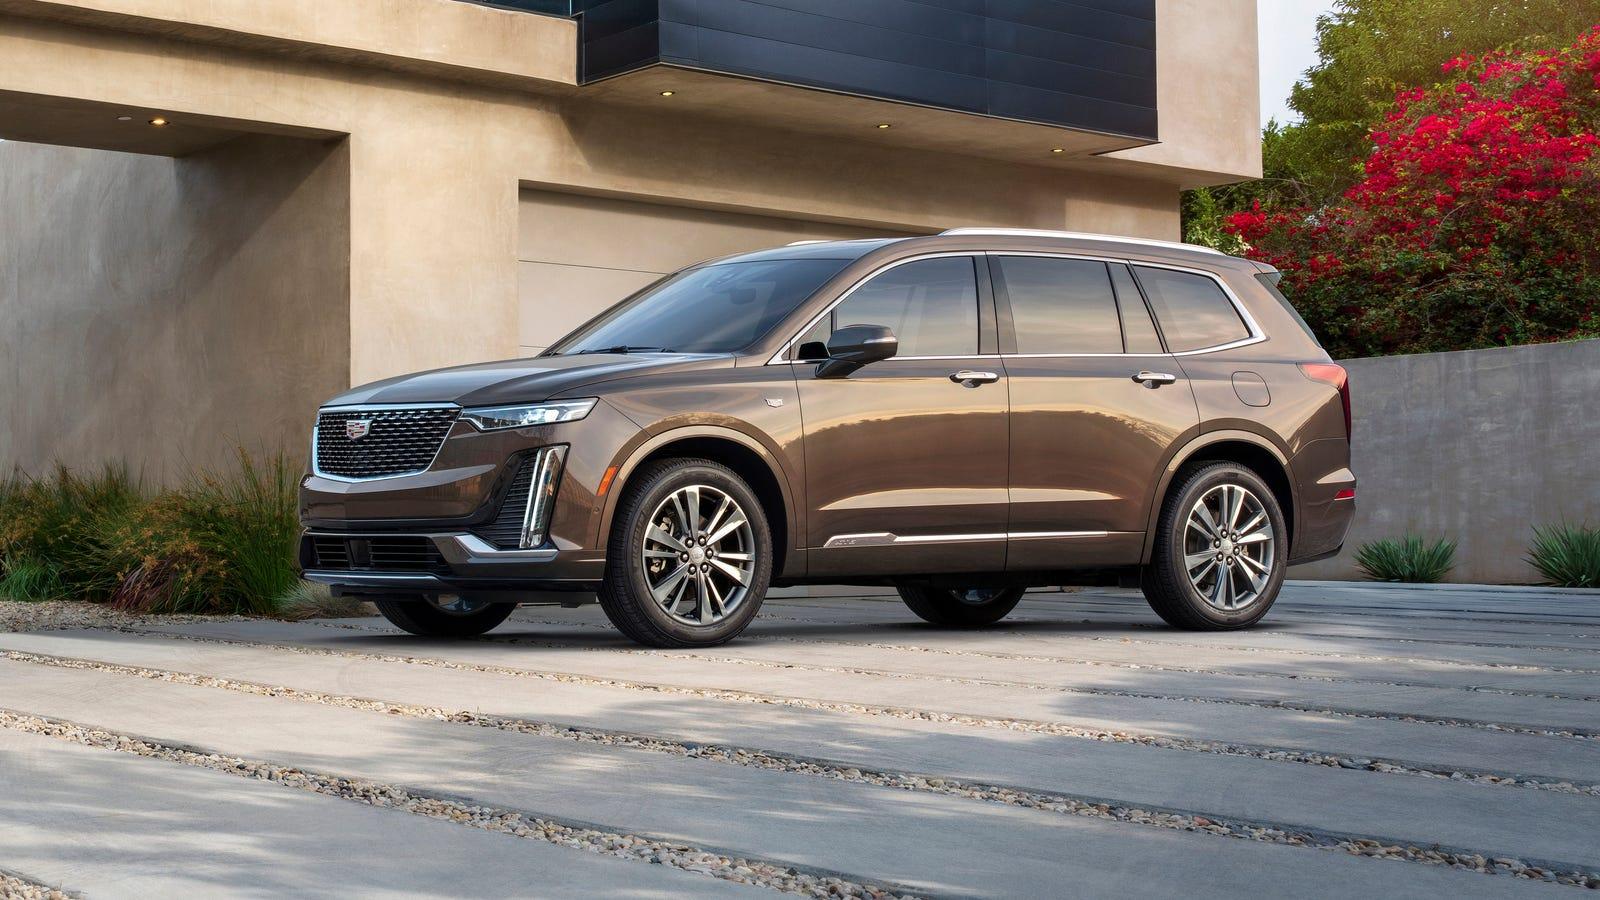 The 2020 Cadillac XT6 Will Be Cadillac's Three-Row